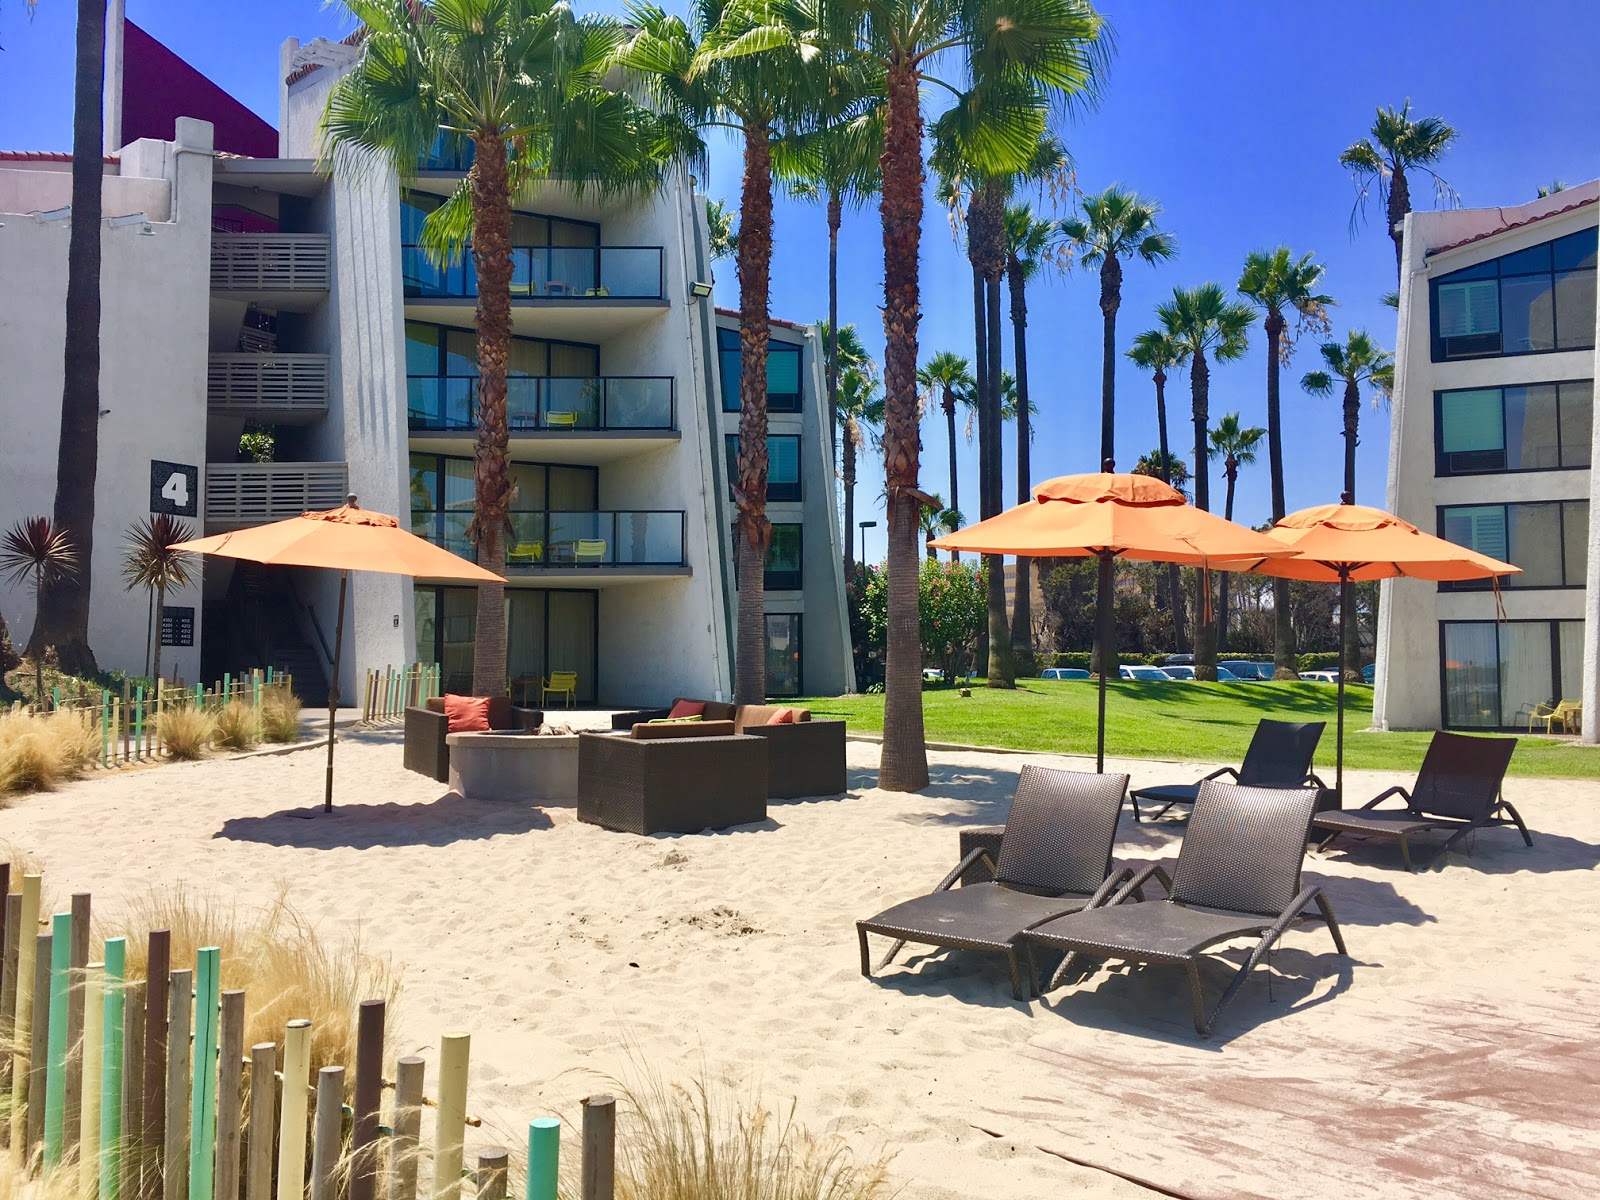 Hotel Maya Review